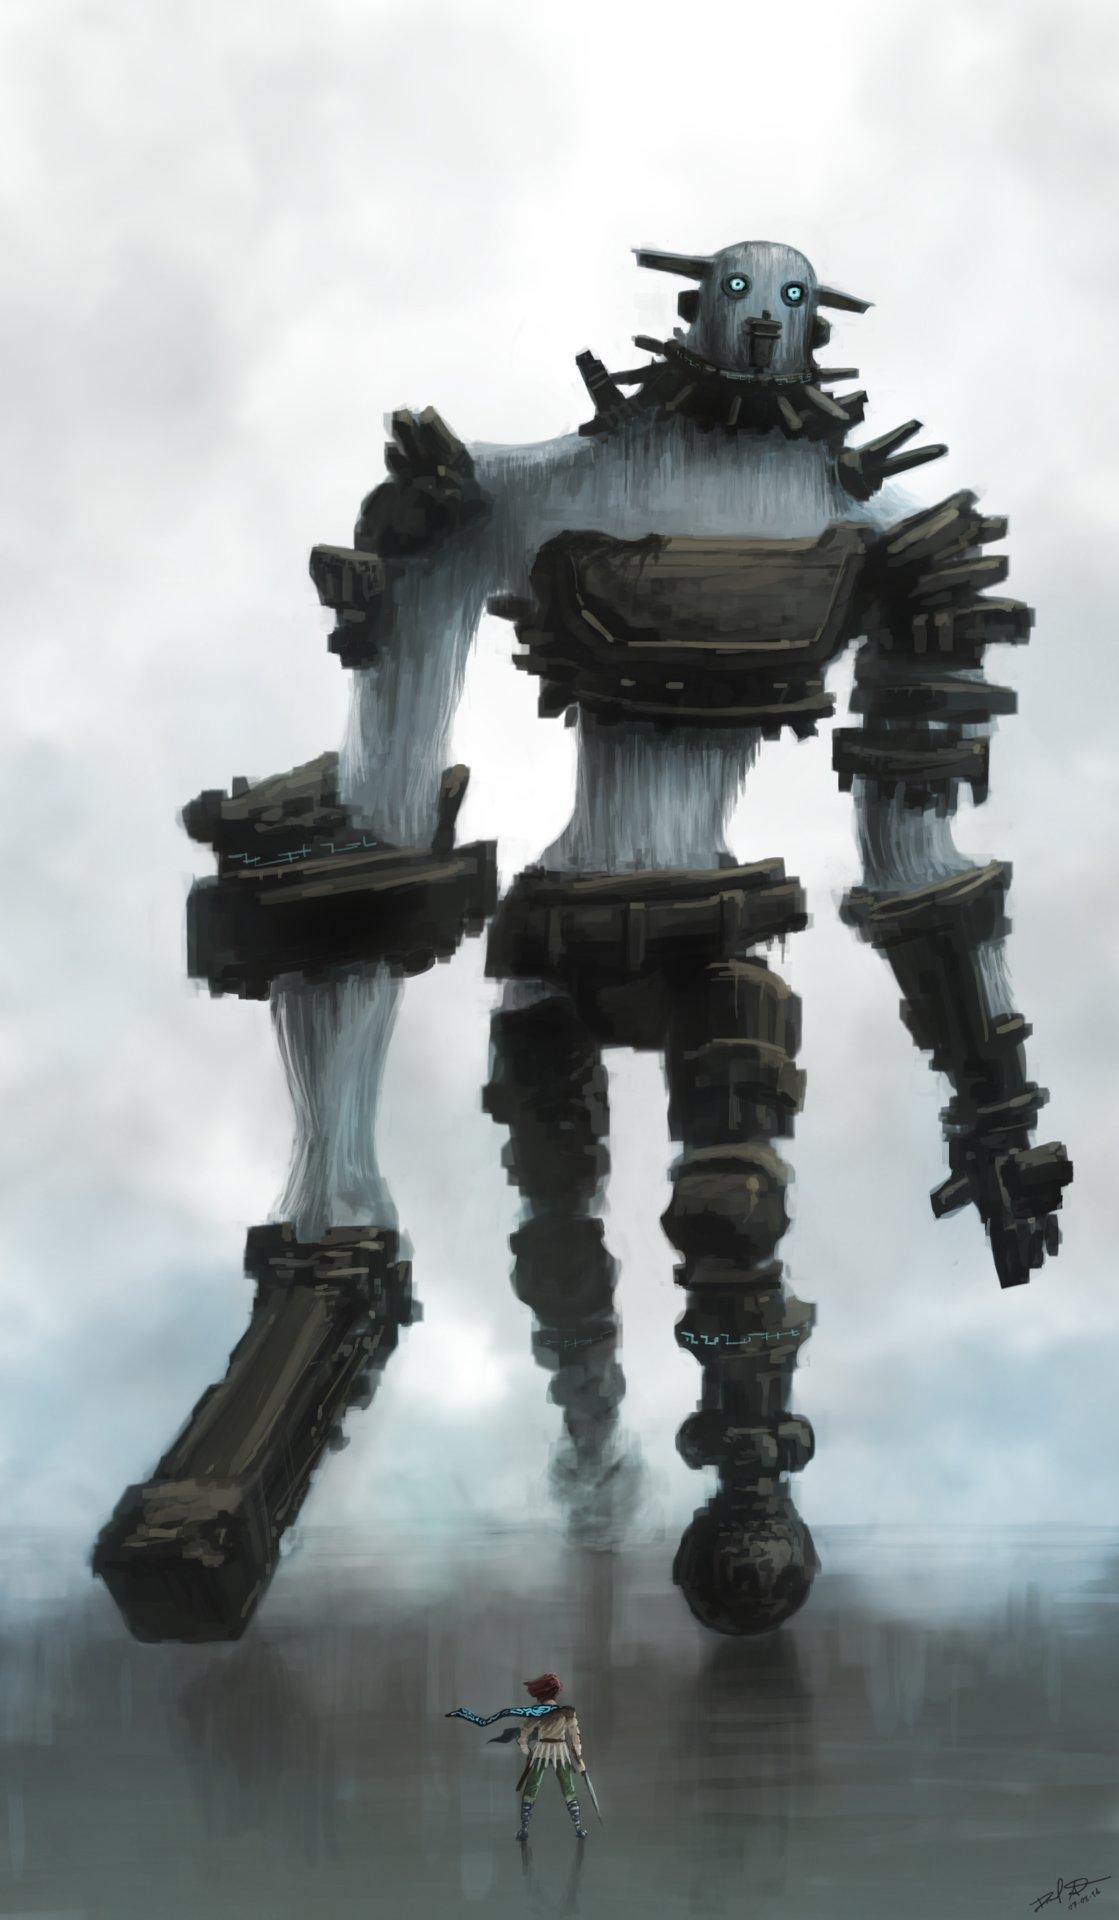 Daniel aubert colossus 3 gaius